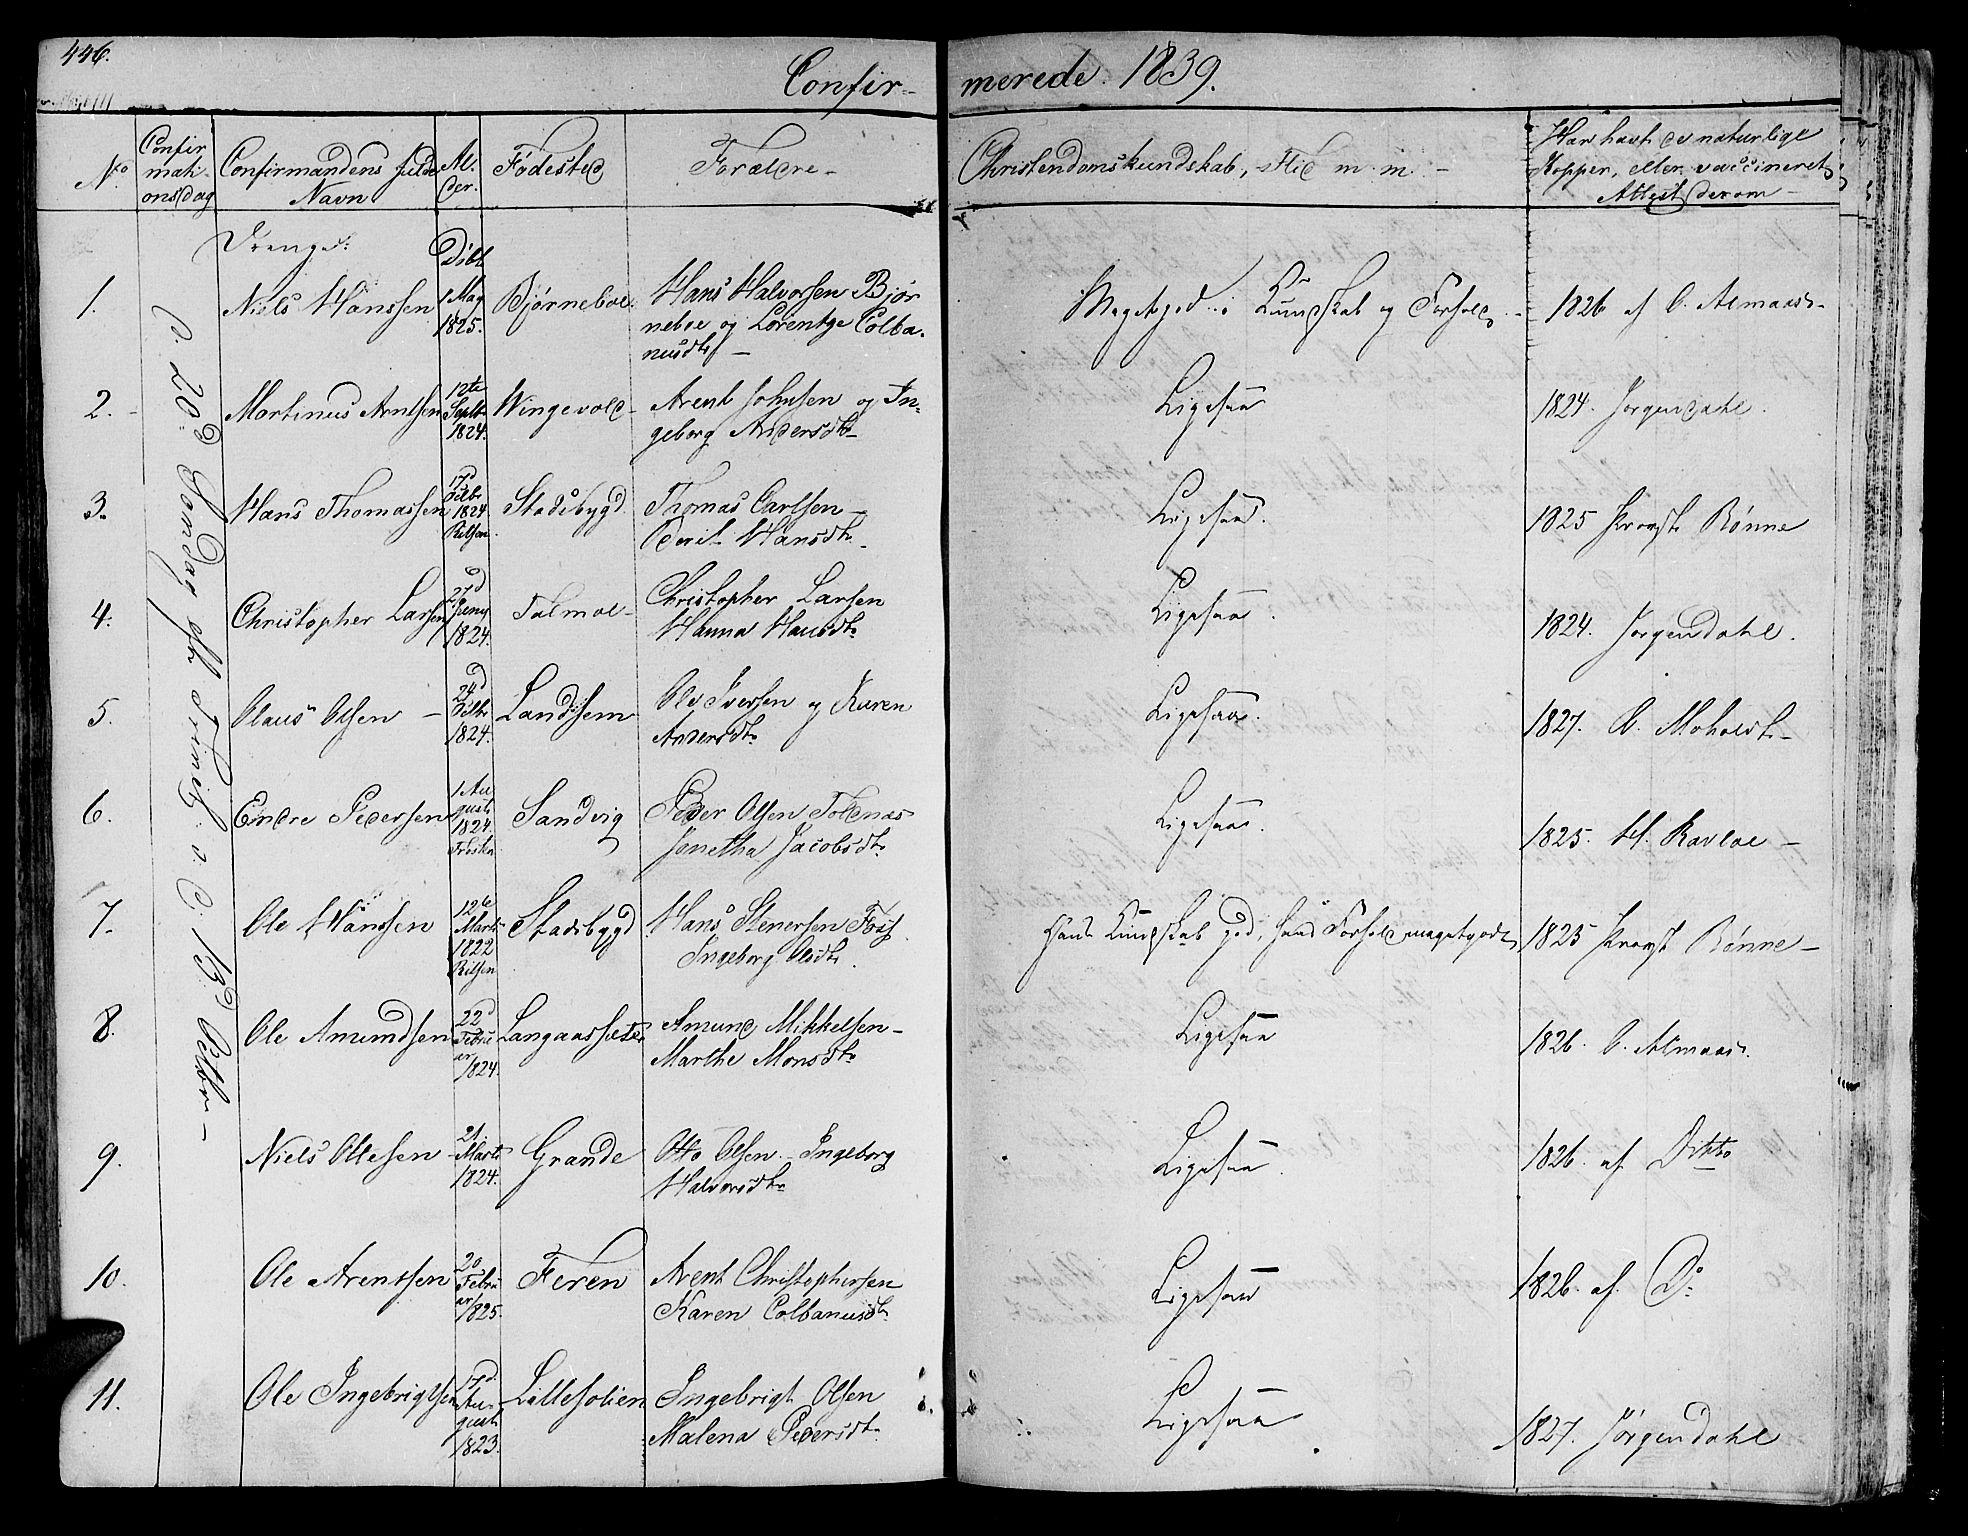 SAT, Ministerialprotokoller, klokkerbøker og fødselsregistre - Nord-Trøndelag, 701/L0006: Ministerialbok nr. 701A06, 1825-1841, s. 446